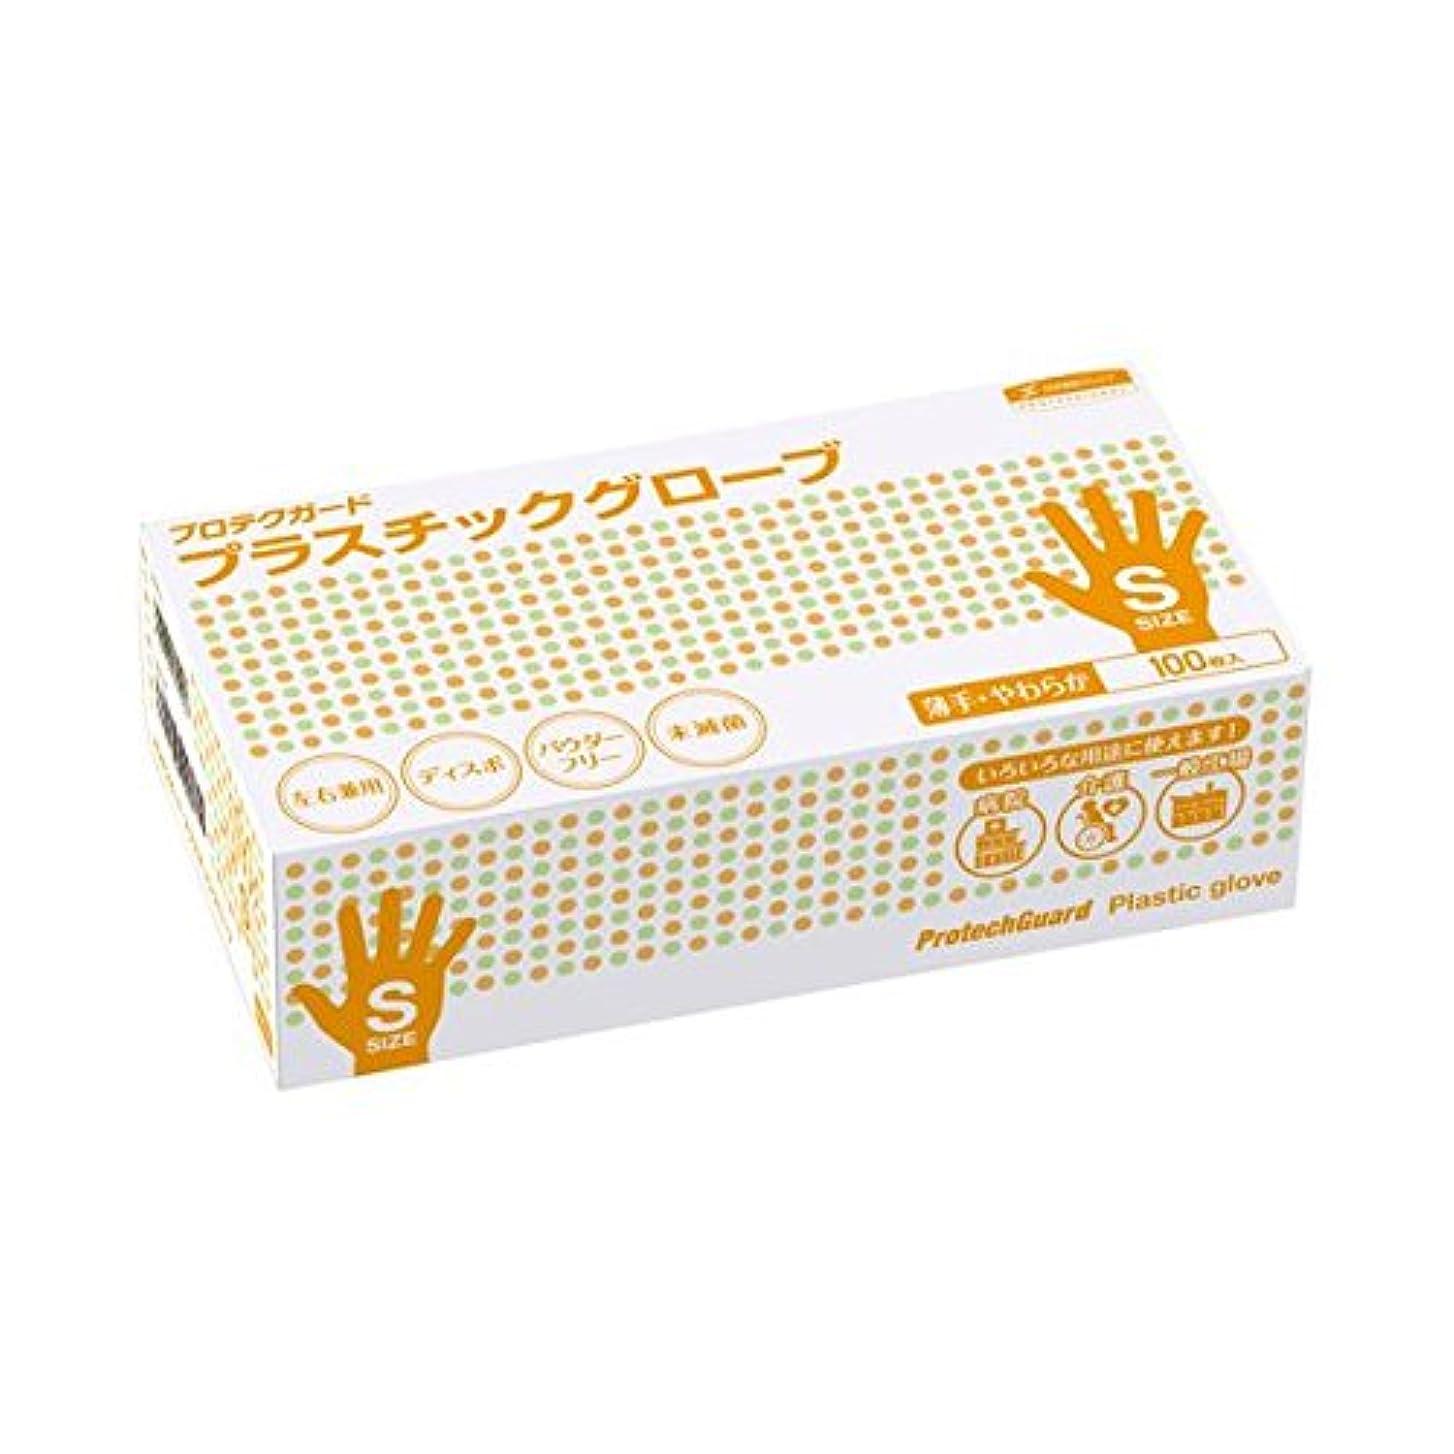 イタリックパブフライカイト(業務用20セット) 日本製紙クレシア プロテクガード プラスチックグローブS